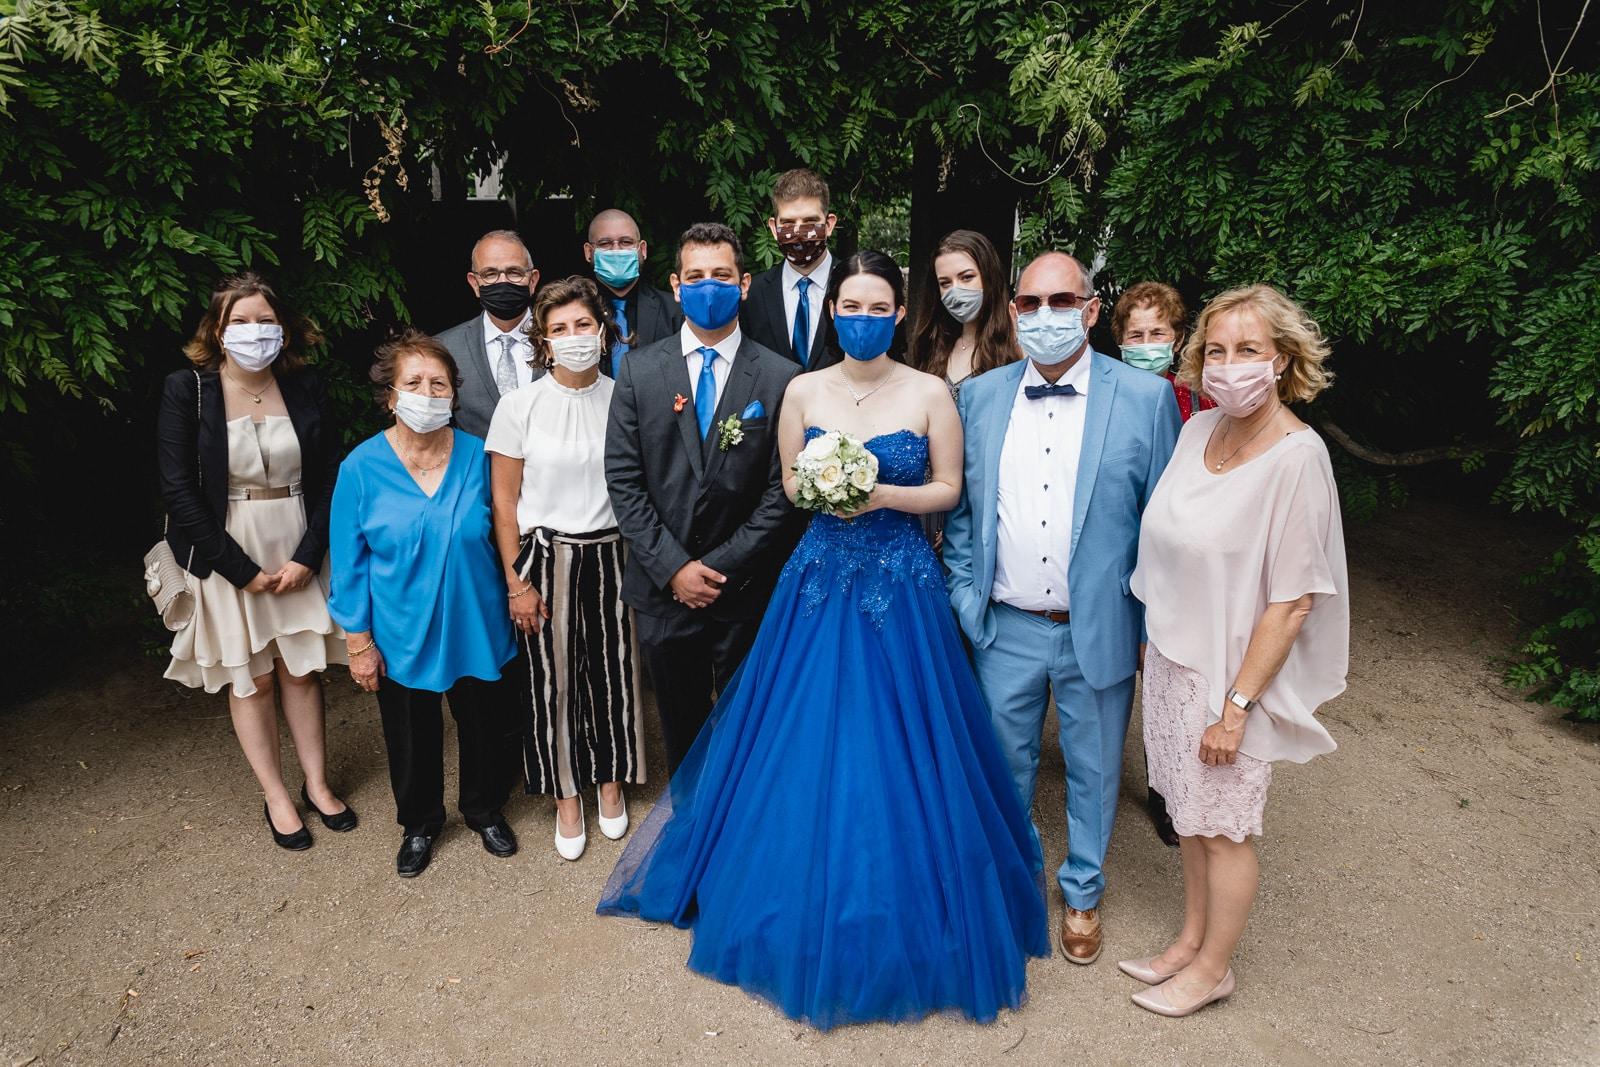 Gruppenbild während der Corona Zeit auf der Mathildenhöhe Darmstadt mit Masken